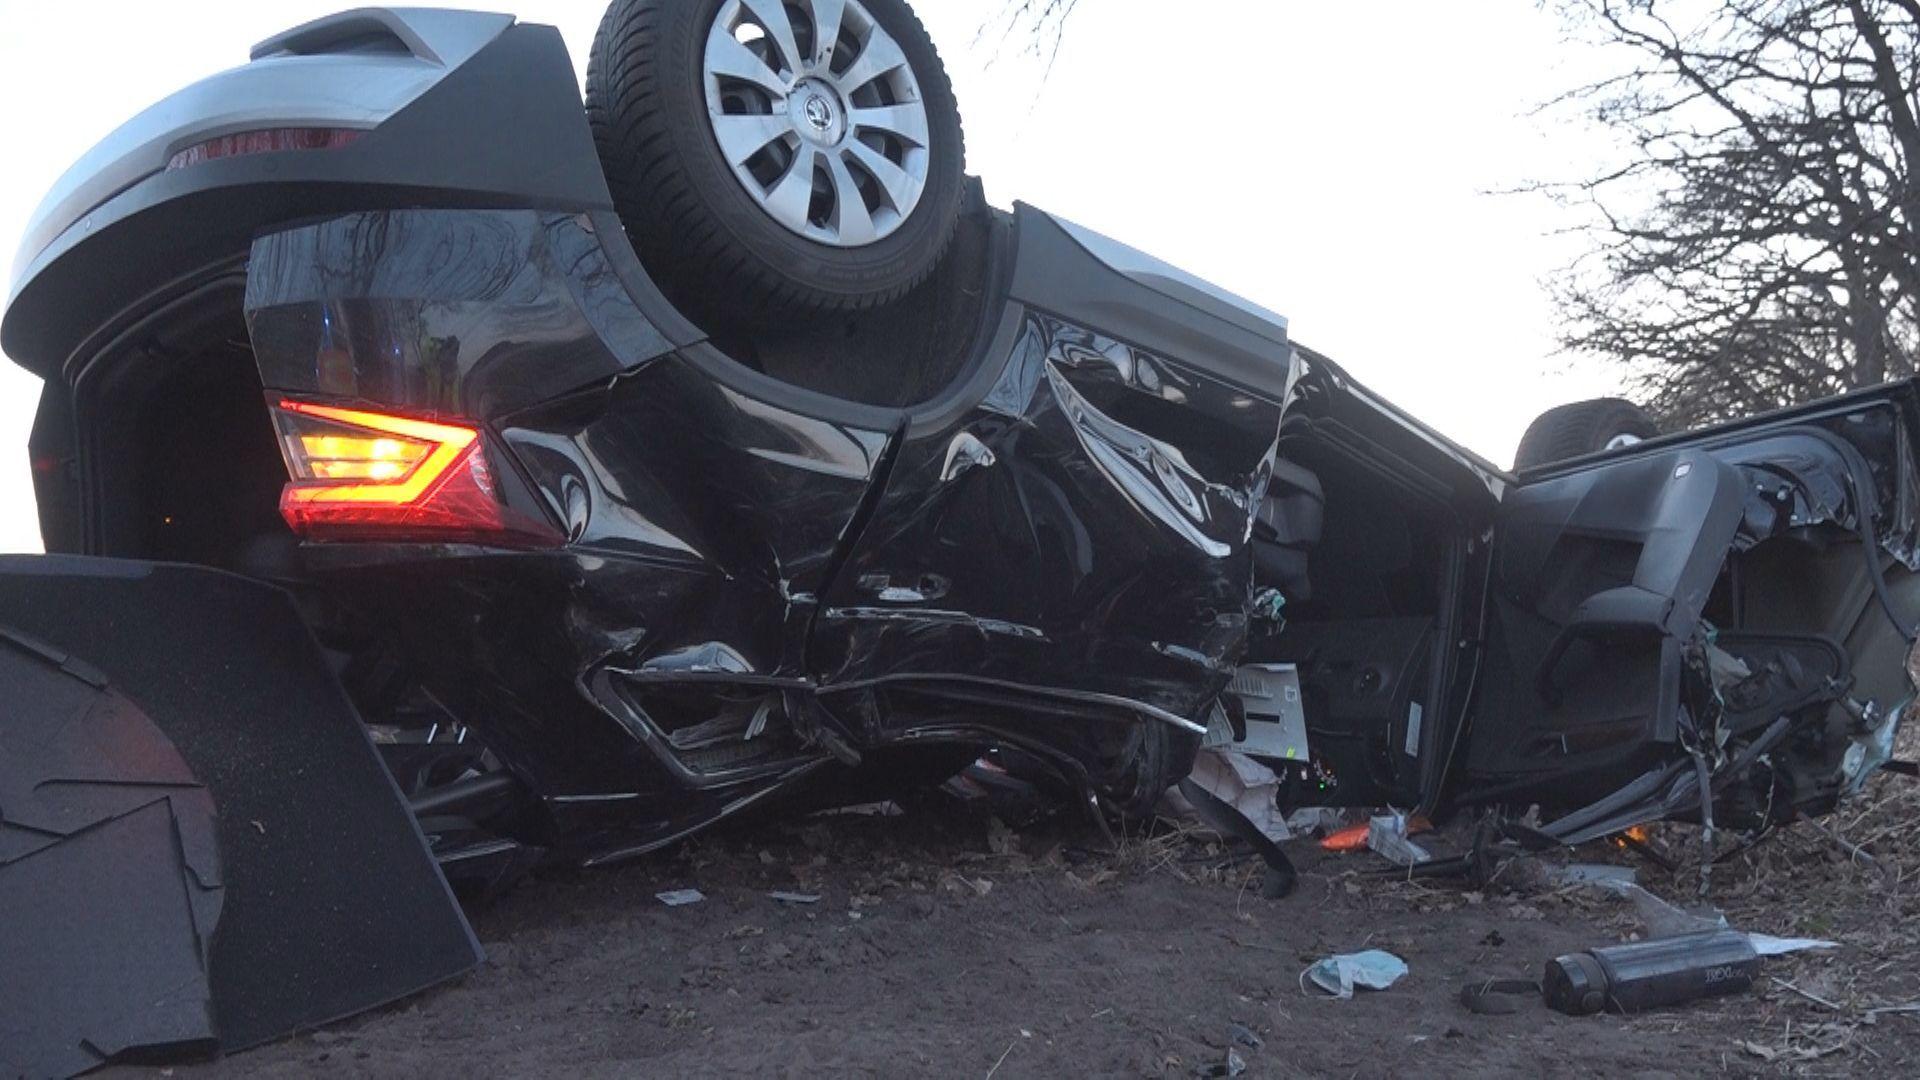 Das Wrack des Skoda zeigt, welche zerstörerischen Kräfte auf das Auto gewirkt haben. Foto: NonStopNews